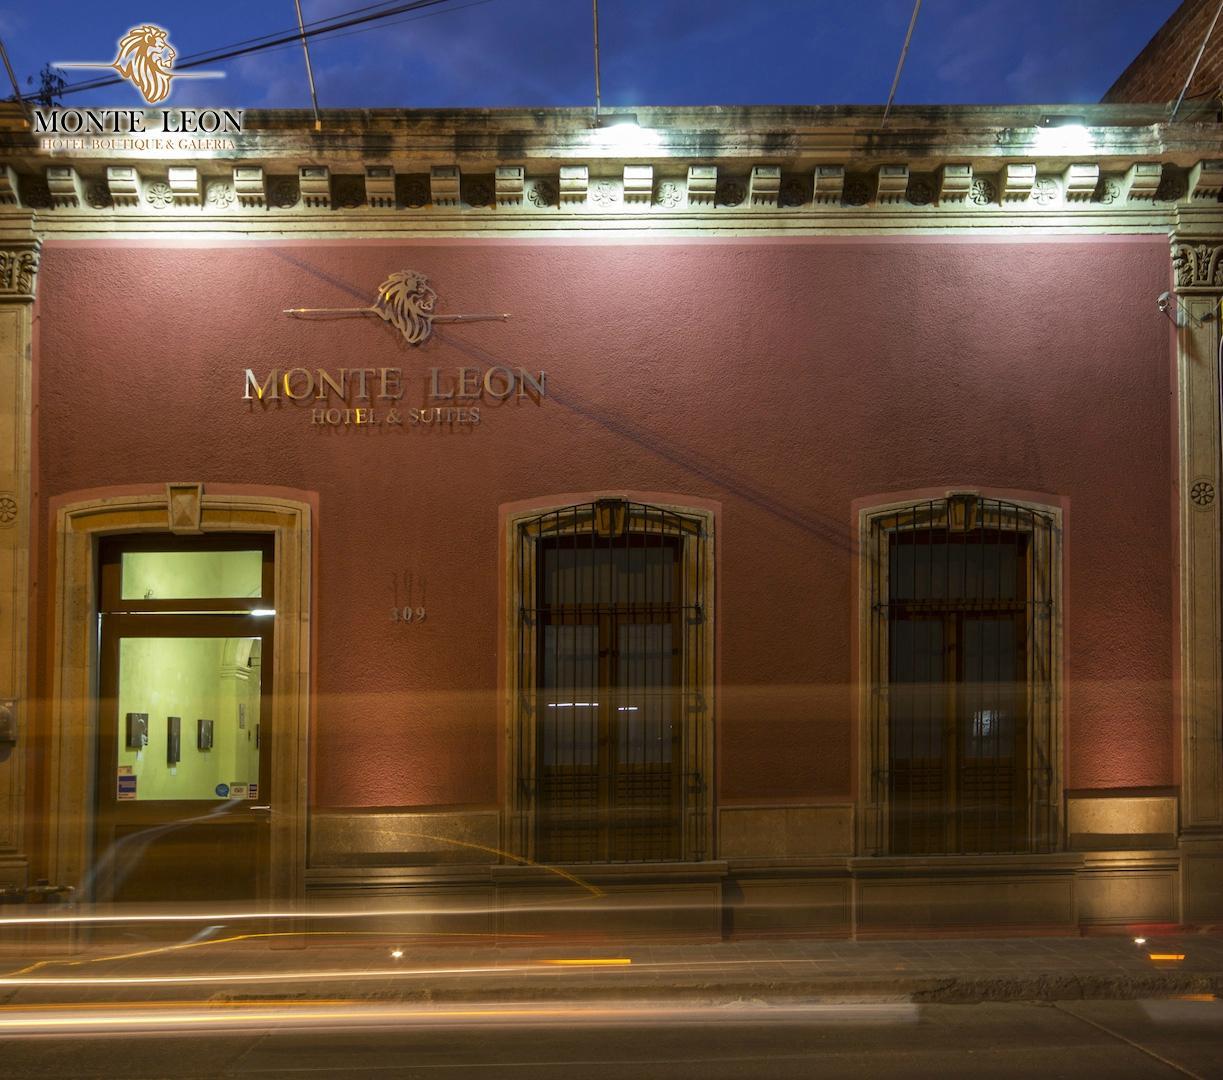 Hotel Monte Leon